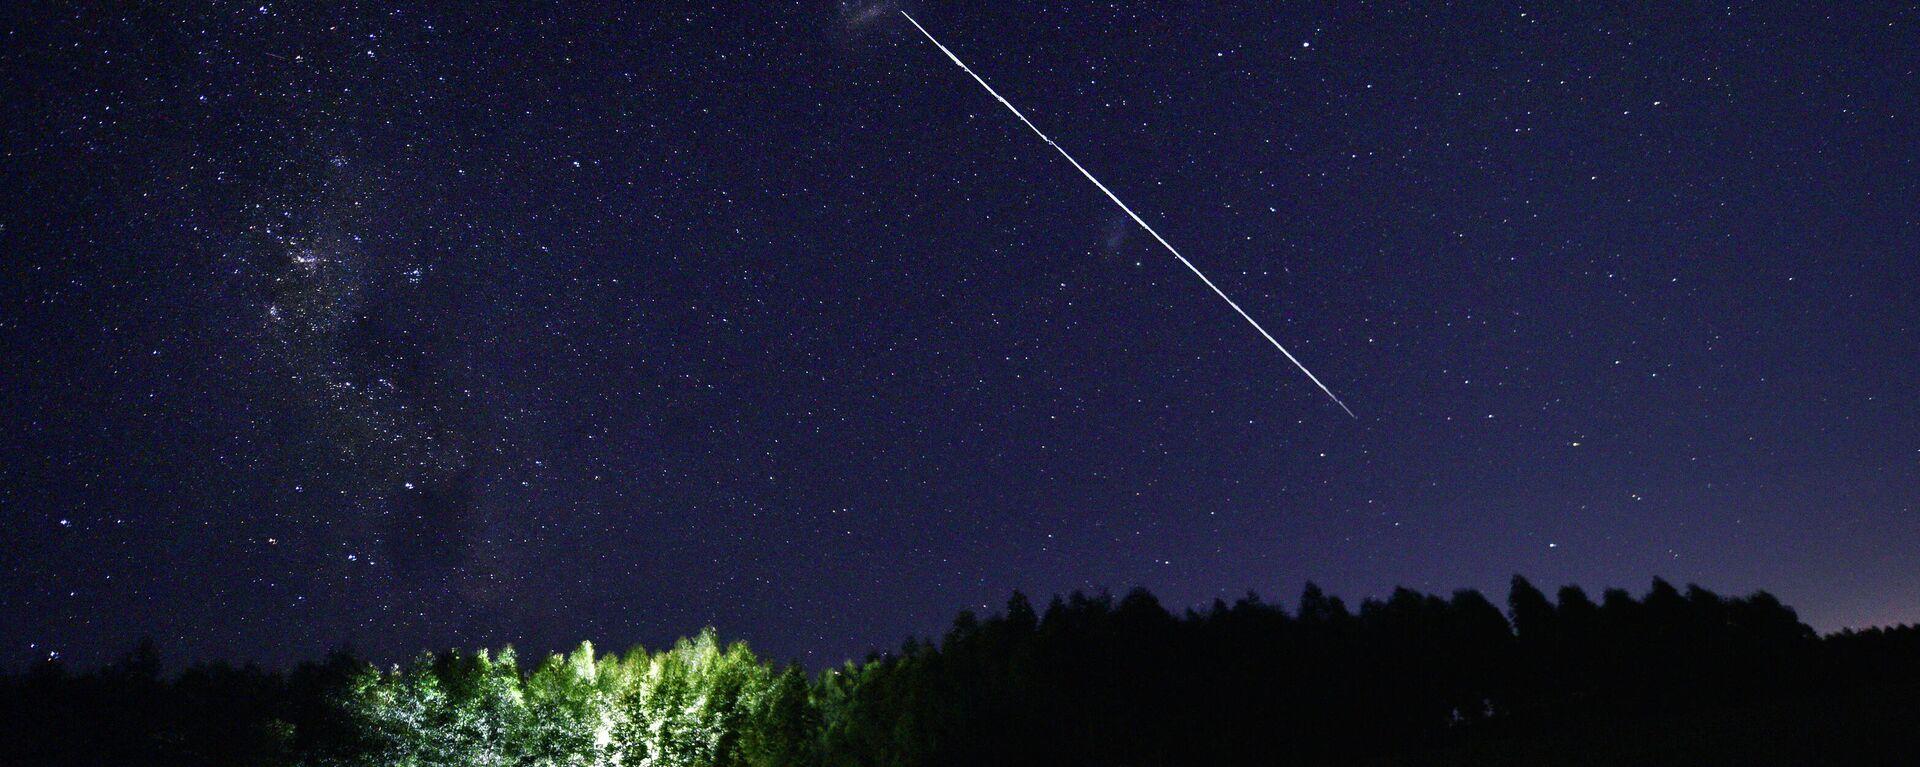 Satélites Starlink brillando en el cielo - Sputnik Mundo, 1920, 07.05.2021